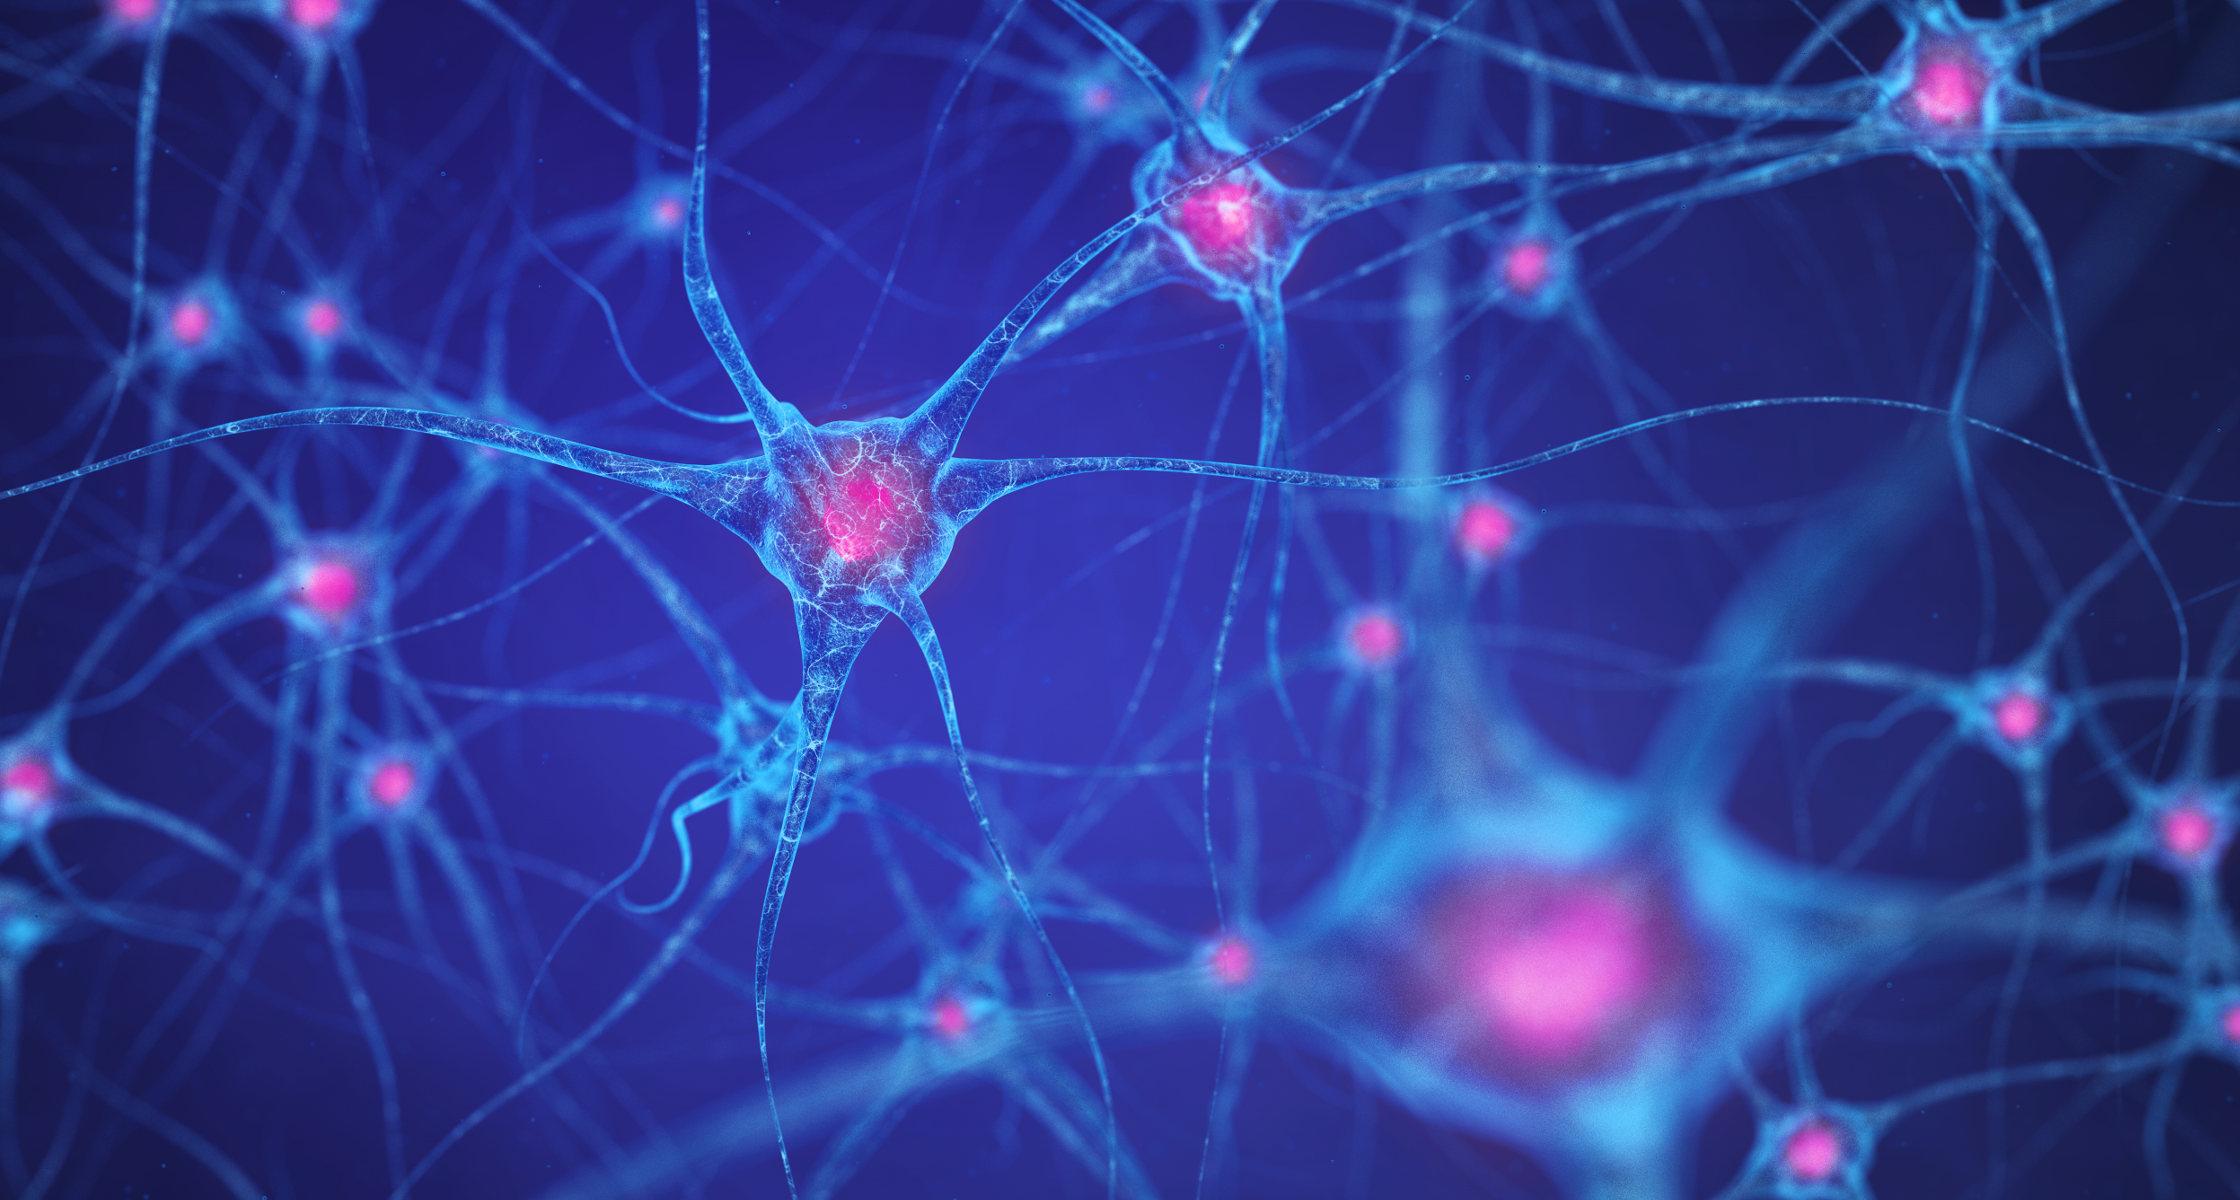 Wie die Verdrahtung der Hirnzellen sich ausbildet